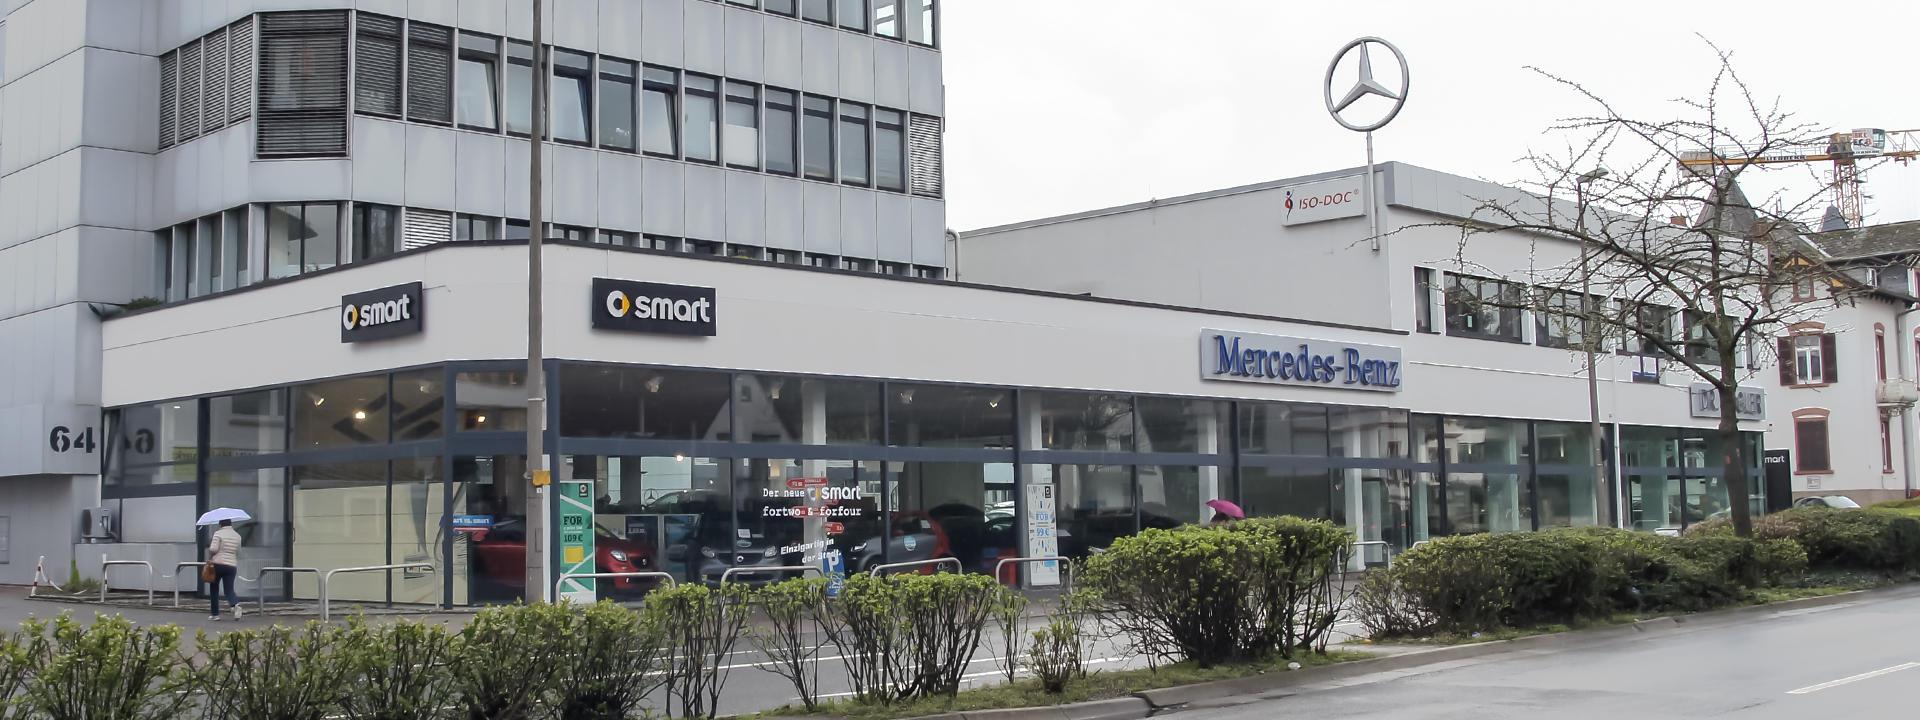 Bild der Mercedes-Benz, smart & AMG Verkauf & Service   Senger GmbH & Co. KG